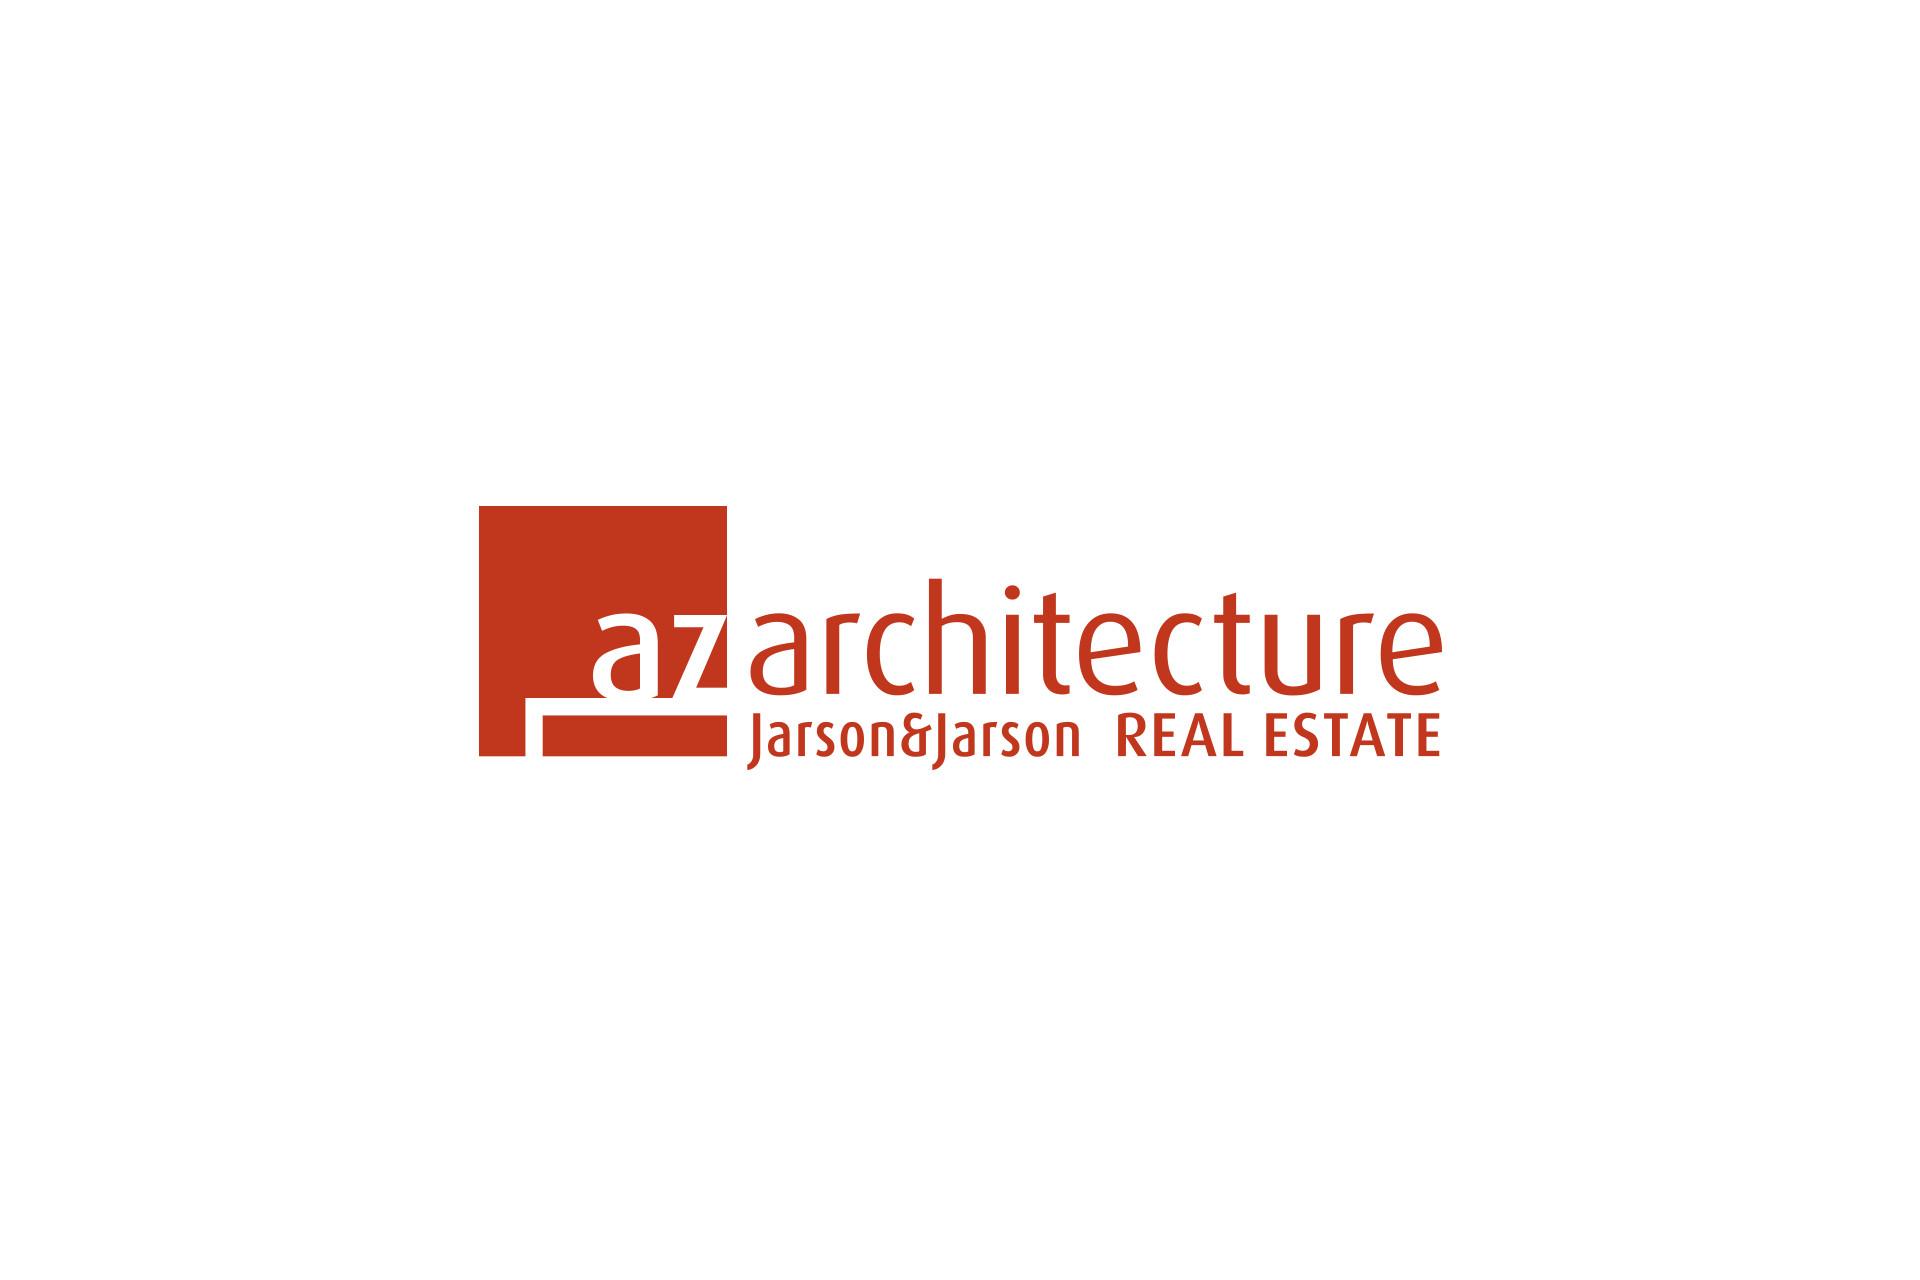 azarchitecture com